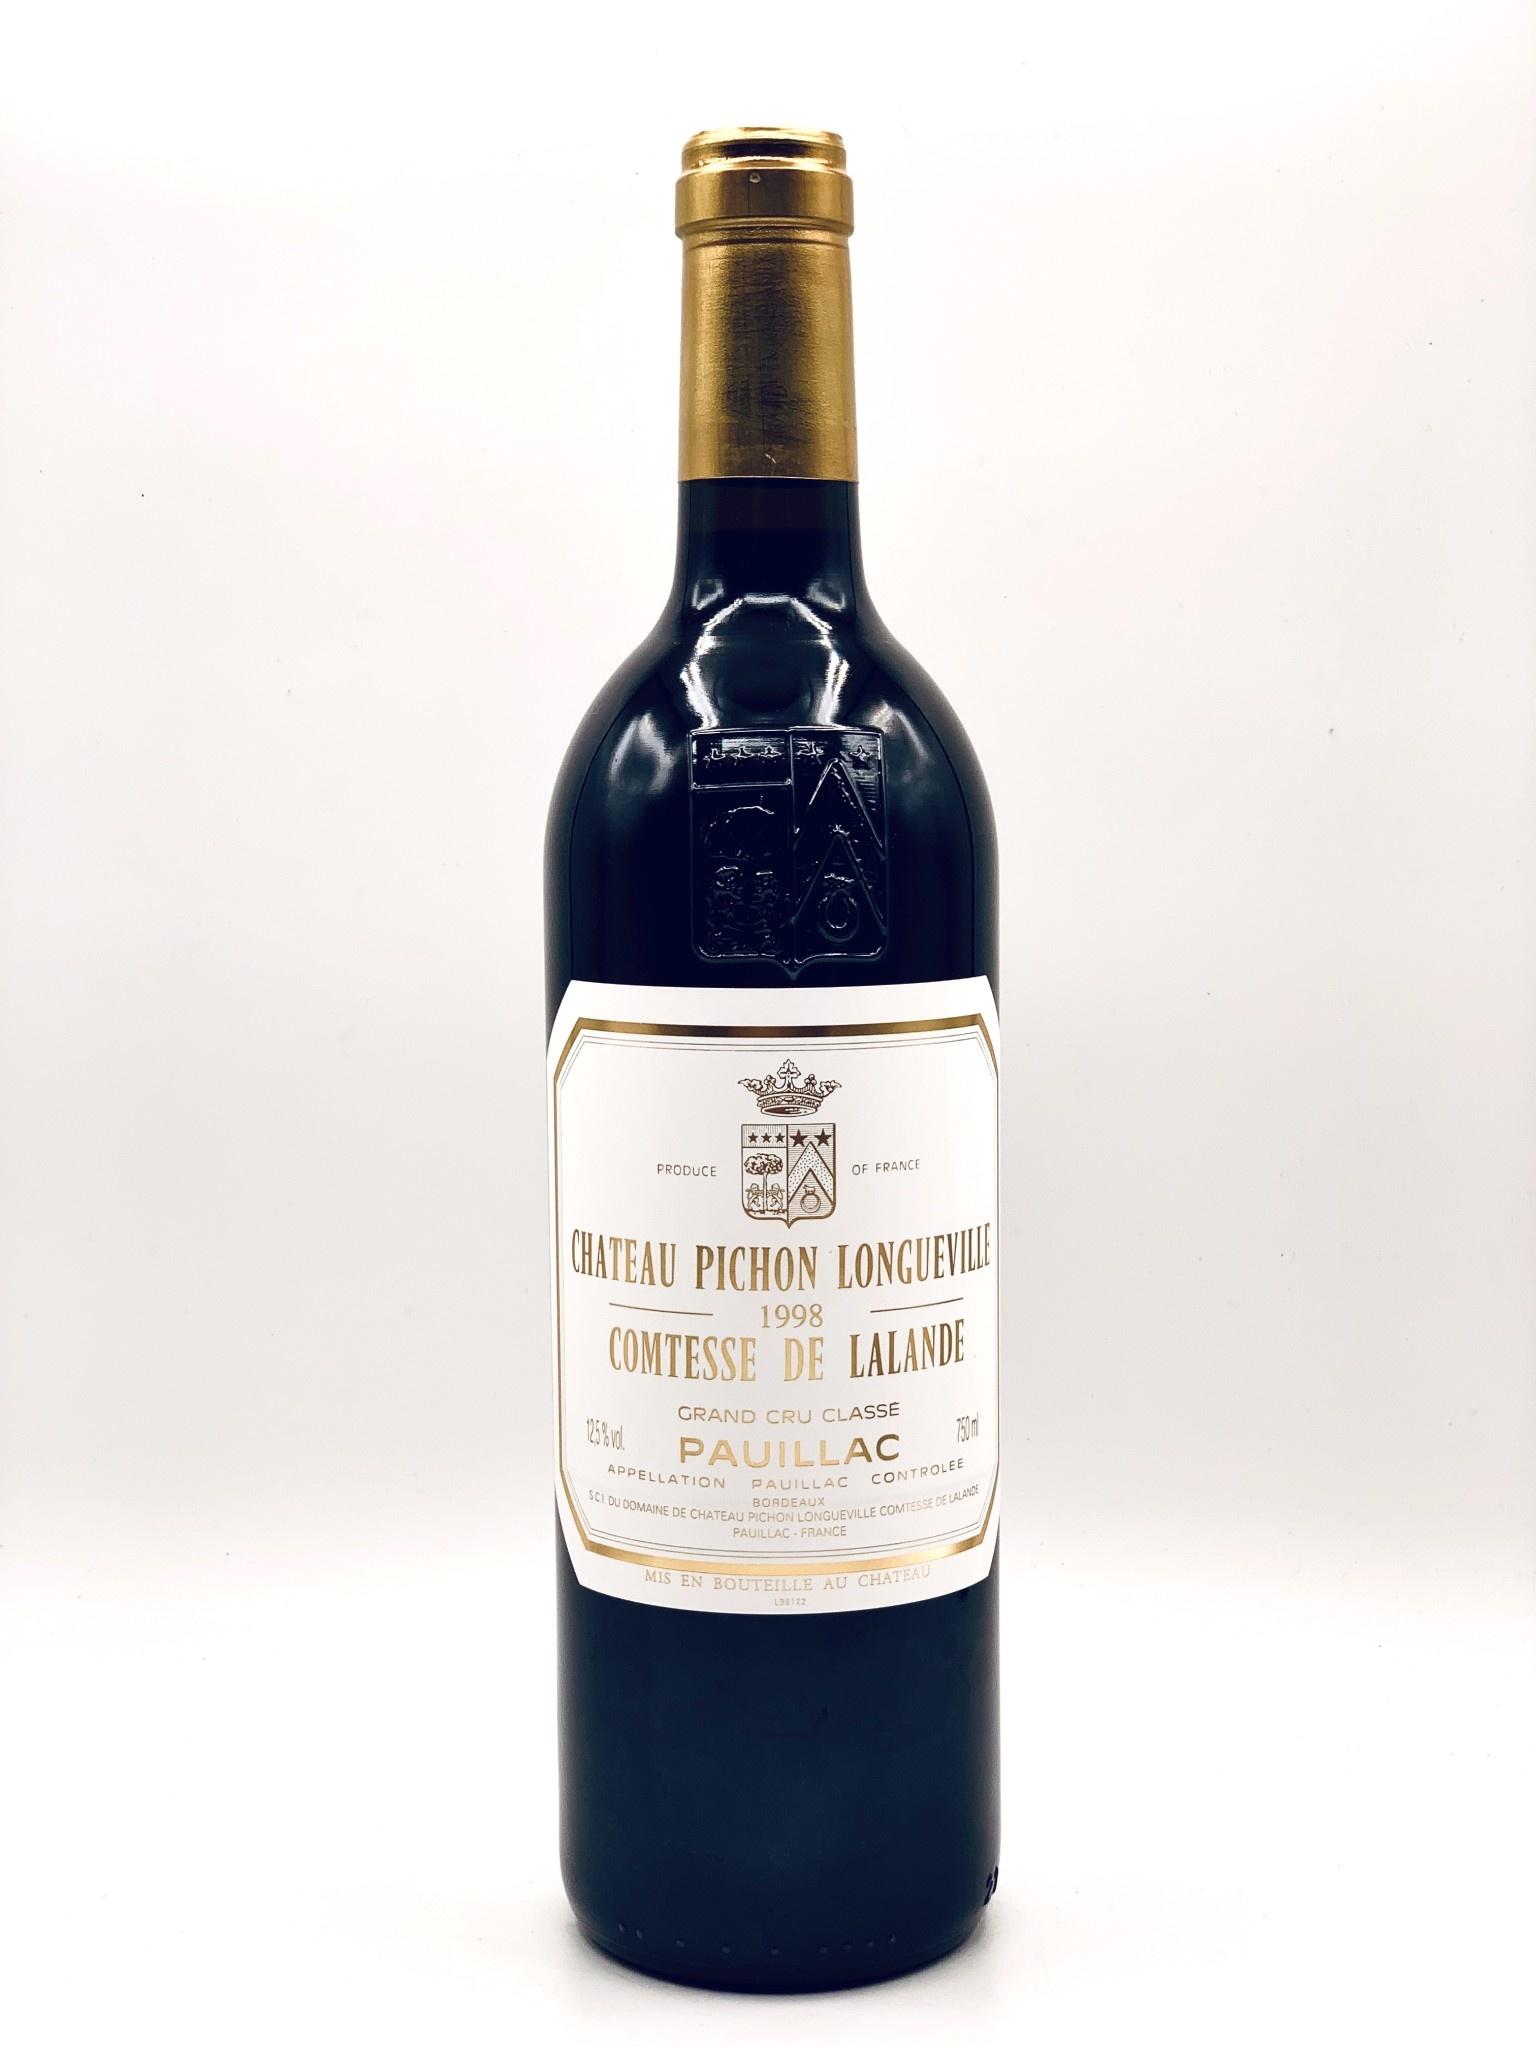 Pauillac Grand Cru 1998 Chateau Pichon-Longueville Comtesse de Lalande